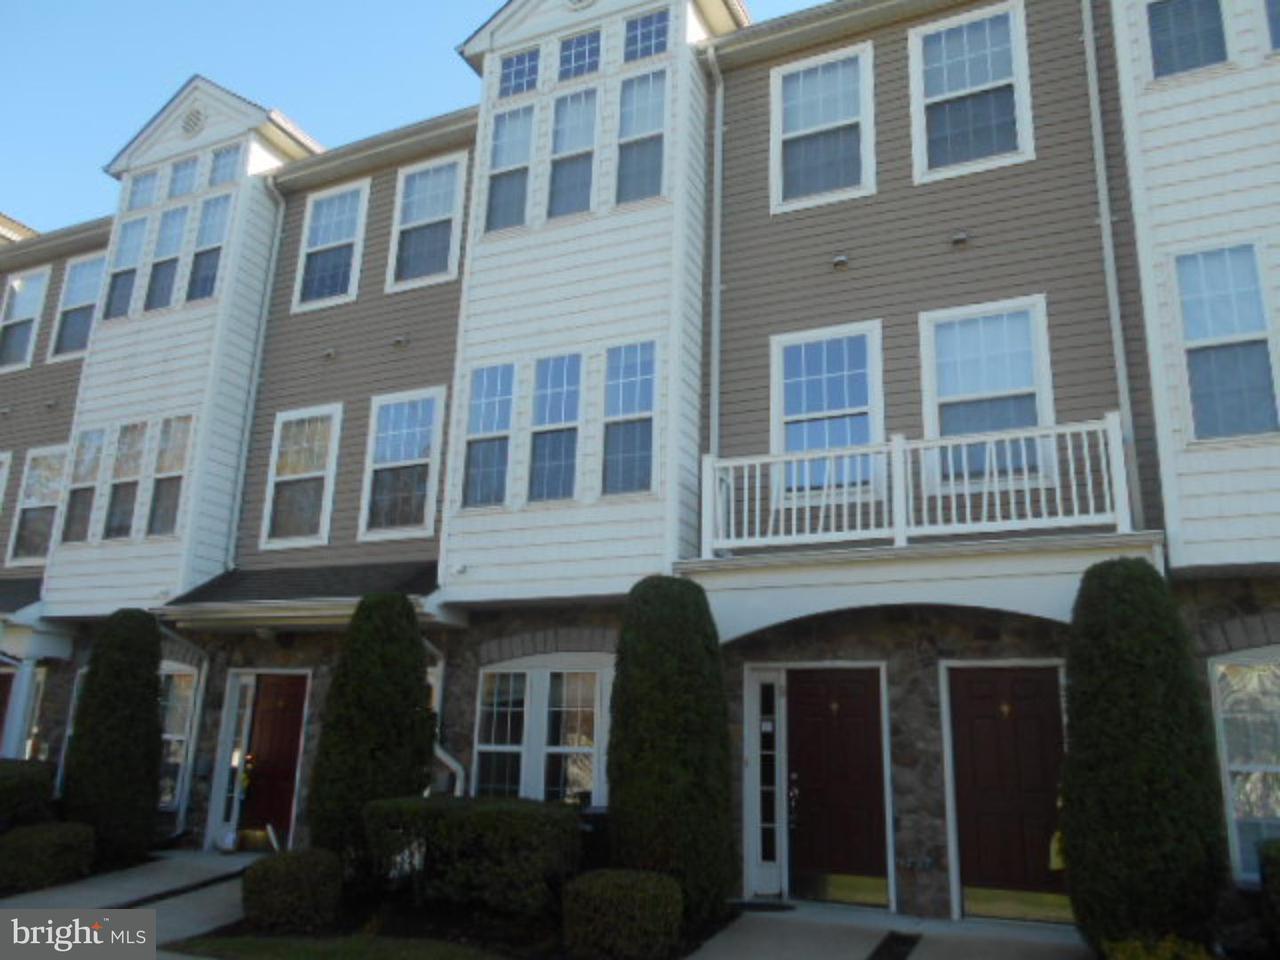 Casa unifamiliar adosada (Townhouse) por un Venta en 9 HERON Court Delanco Township, Nueva Jersey 08075 Estados Unidos